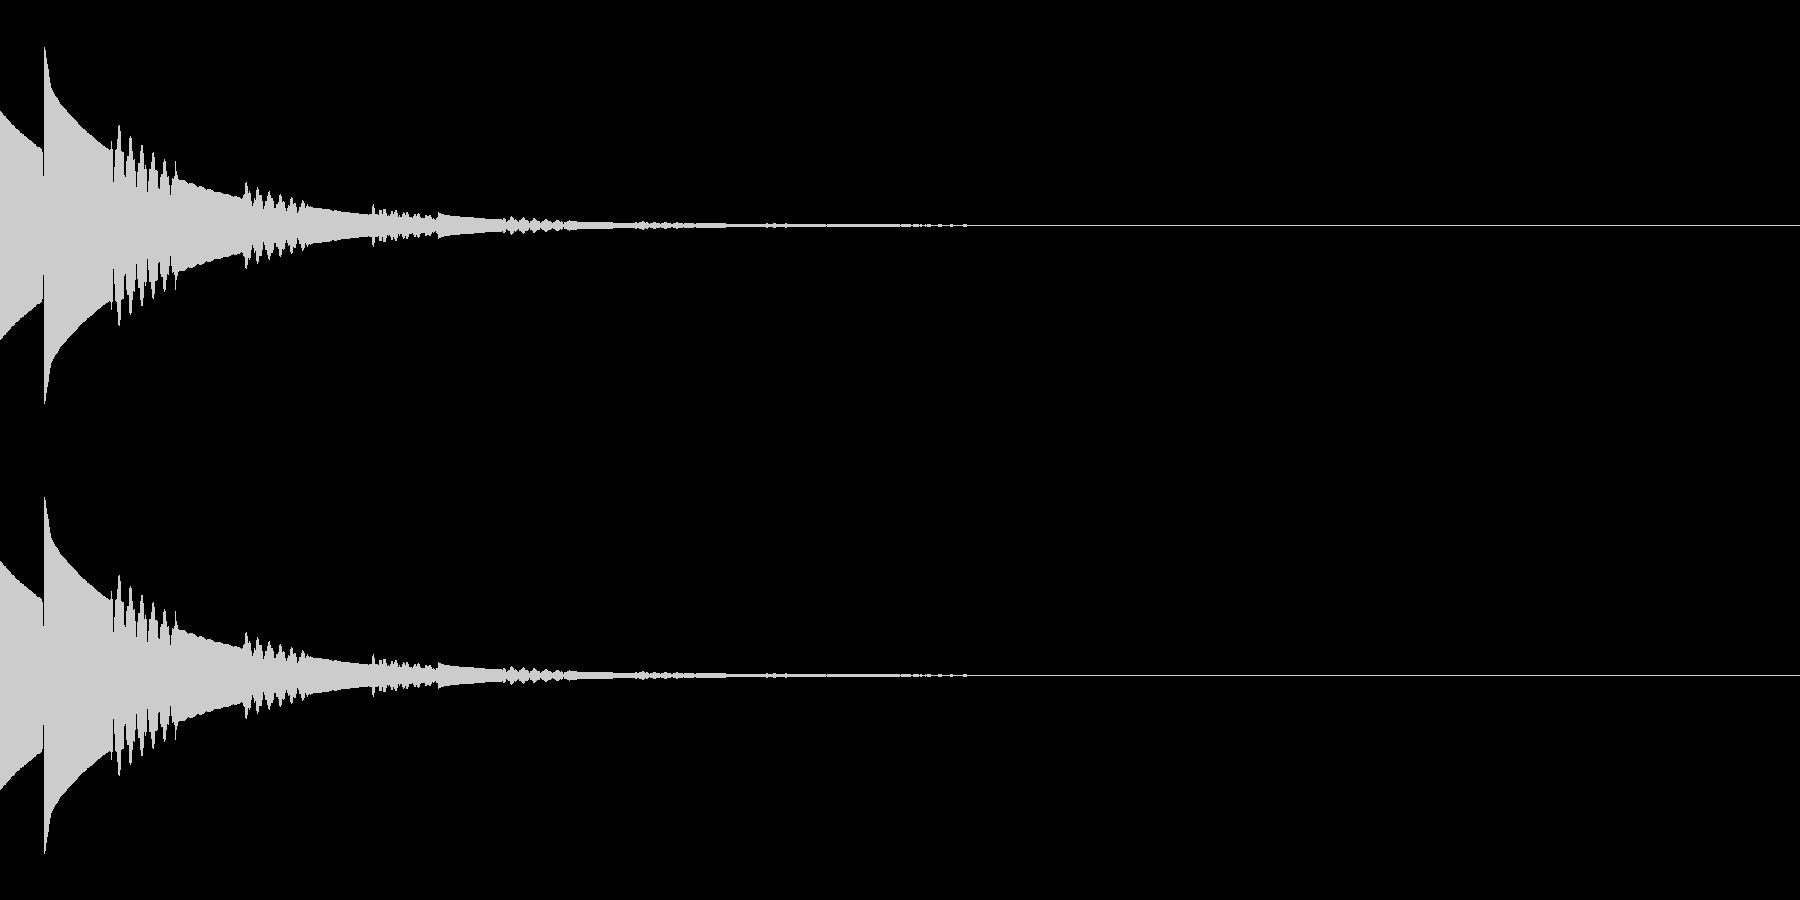 キラキラ(星/アイテム/エコー)の未再生の波形